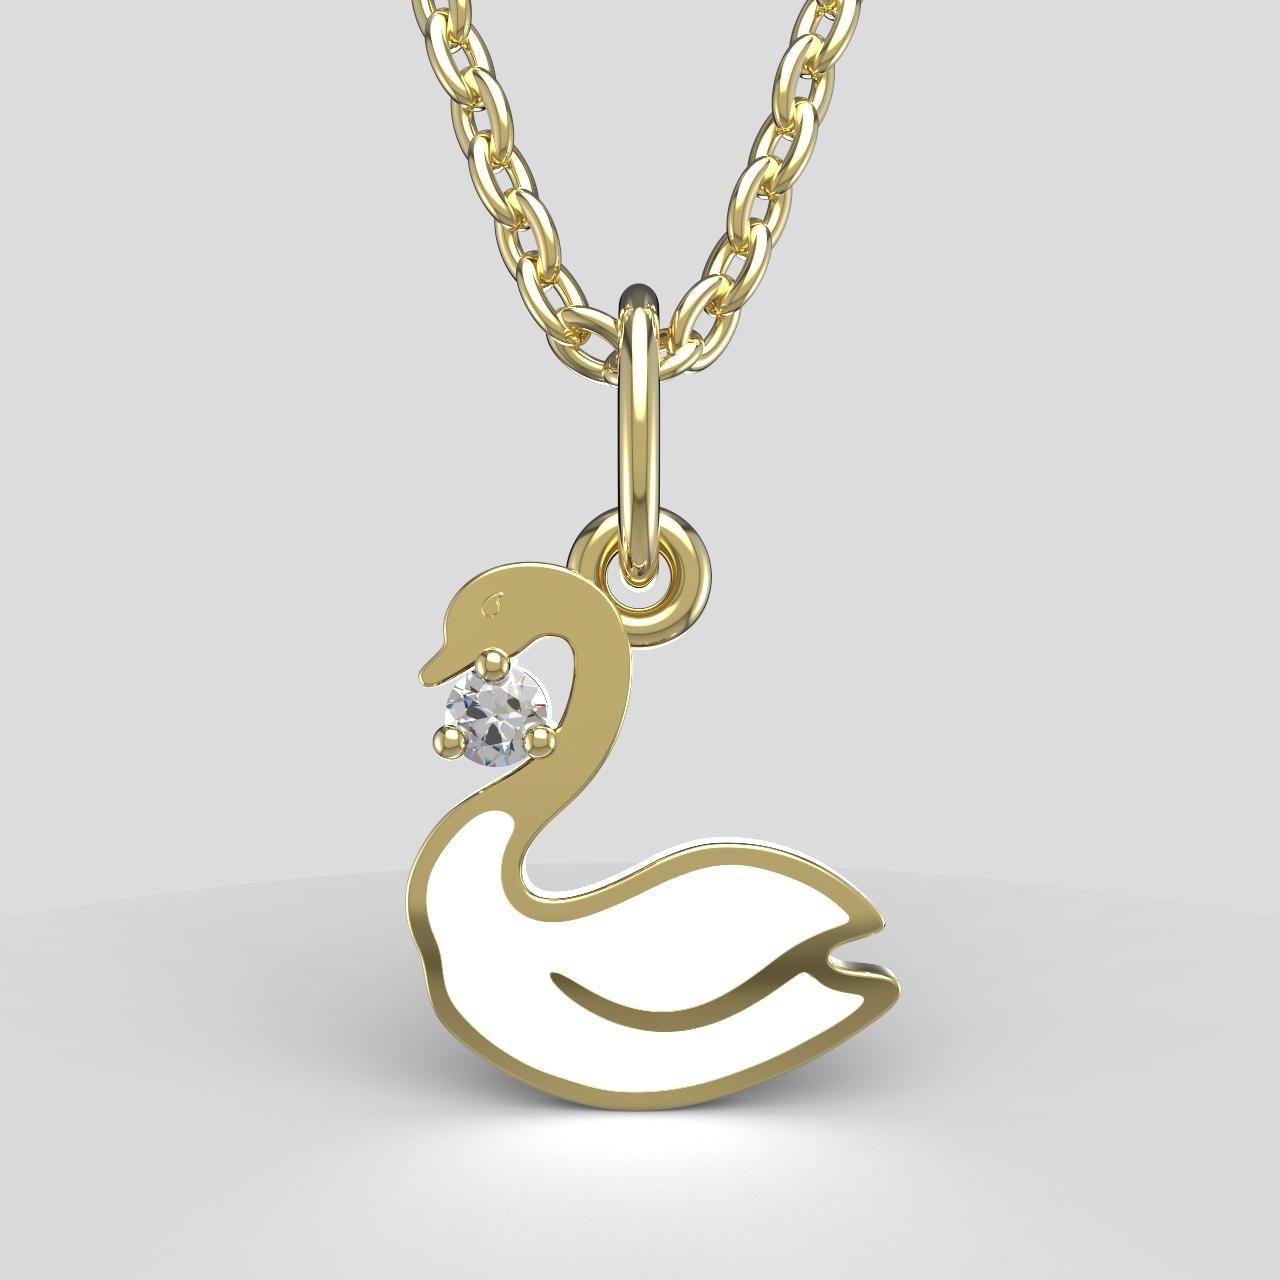 Zlatý dětský přívěsek - labuť se zirkonem Barva: bílá